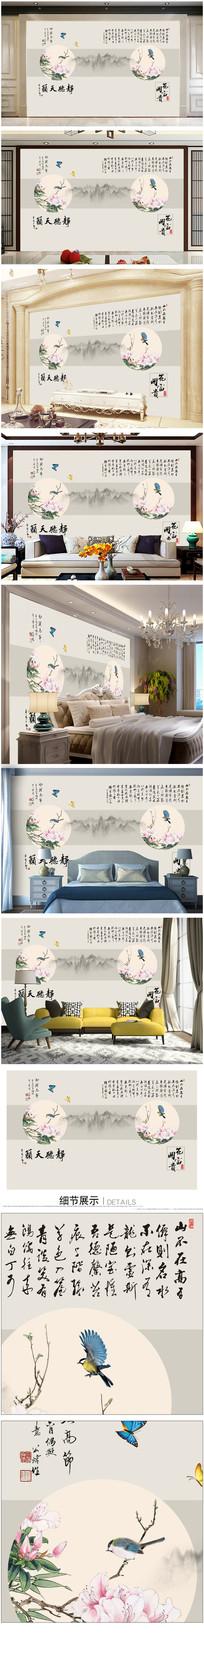 中式山水竹子竹叶风景背景